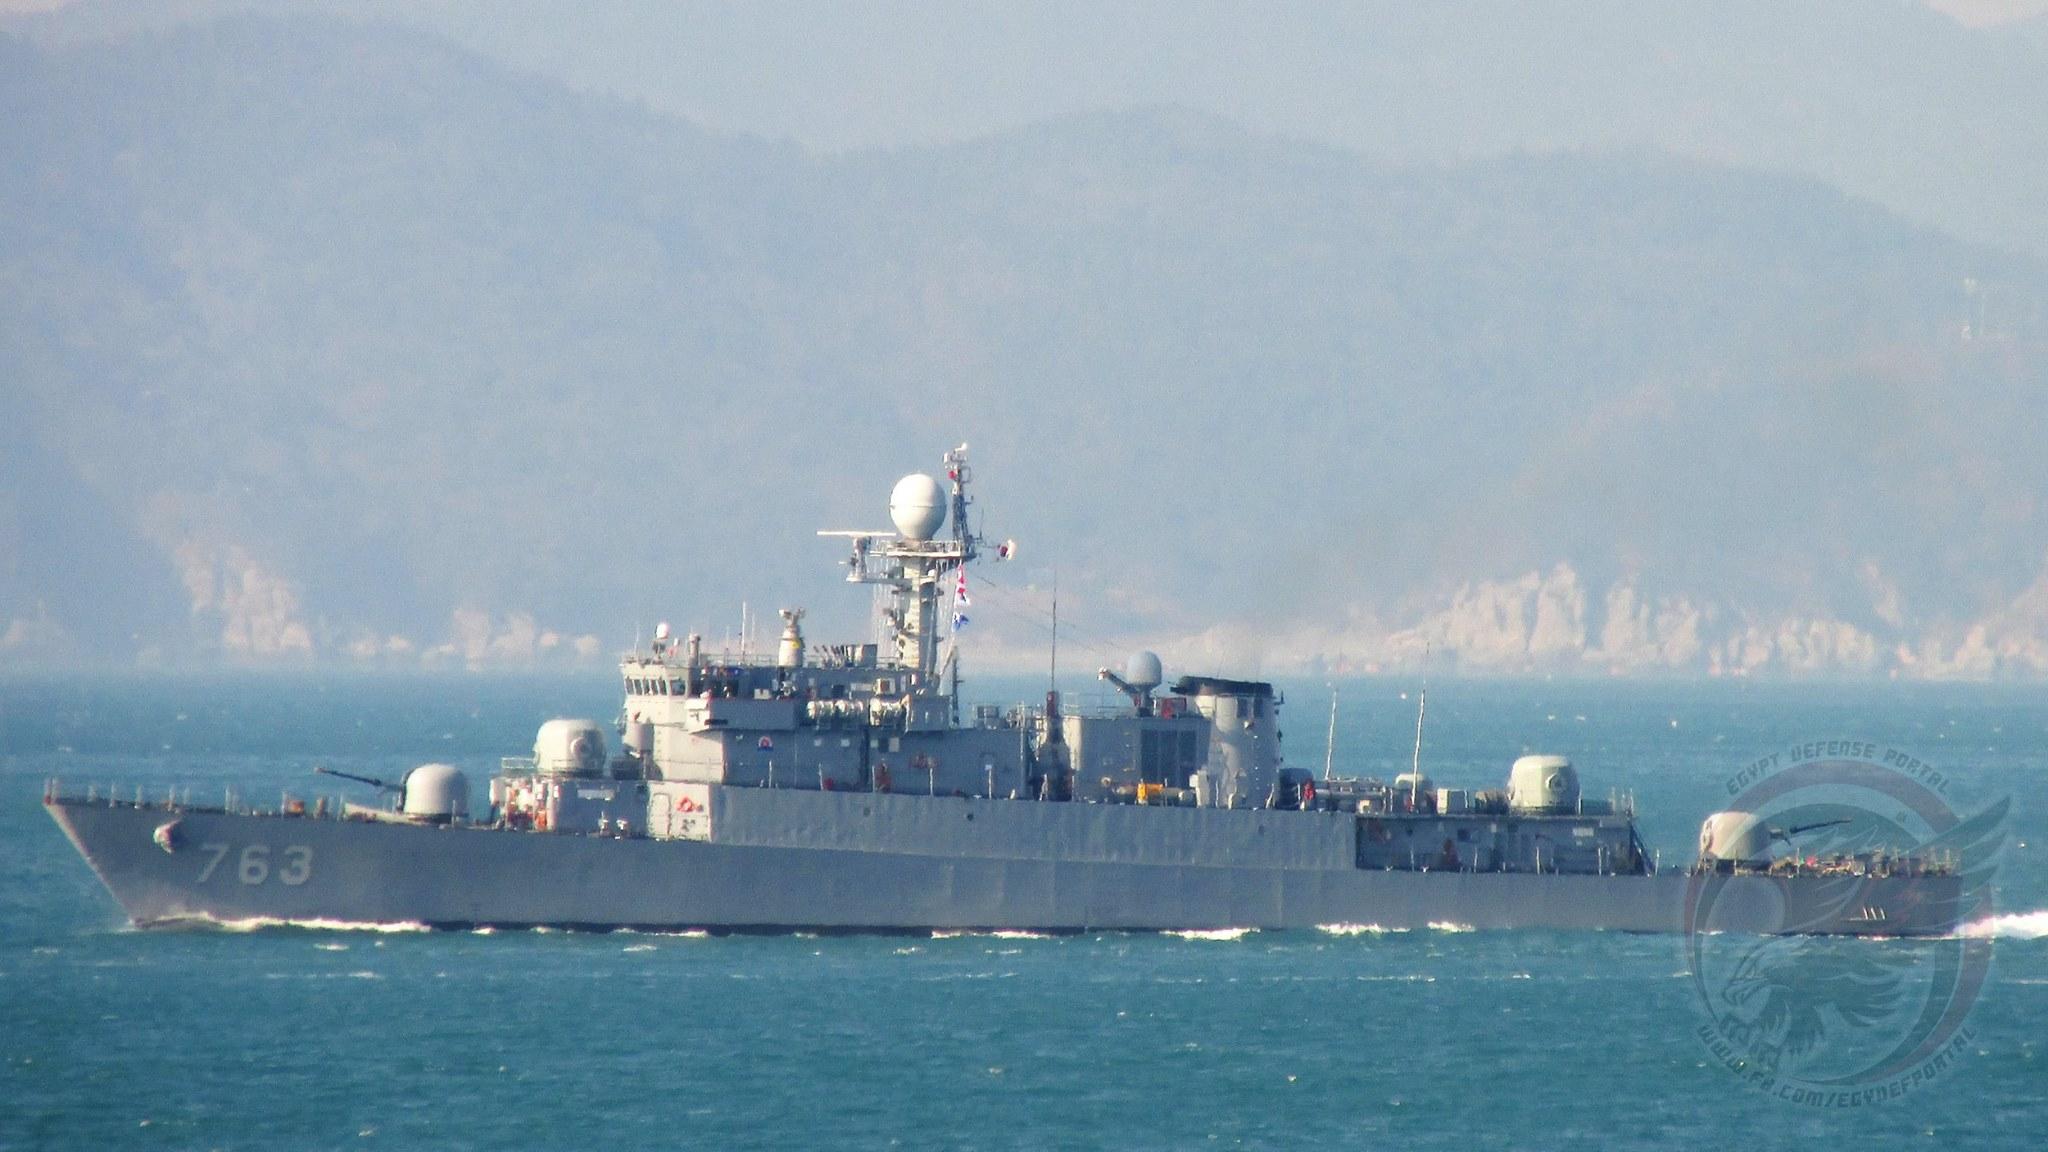 Передаваемый Египту корвет PCC 763 Jinju (типа Pohang) в период пребывания в составе ВМС Южной Кореи.